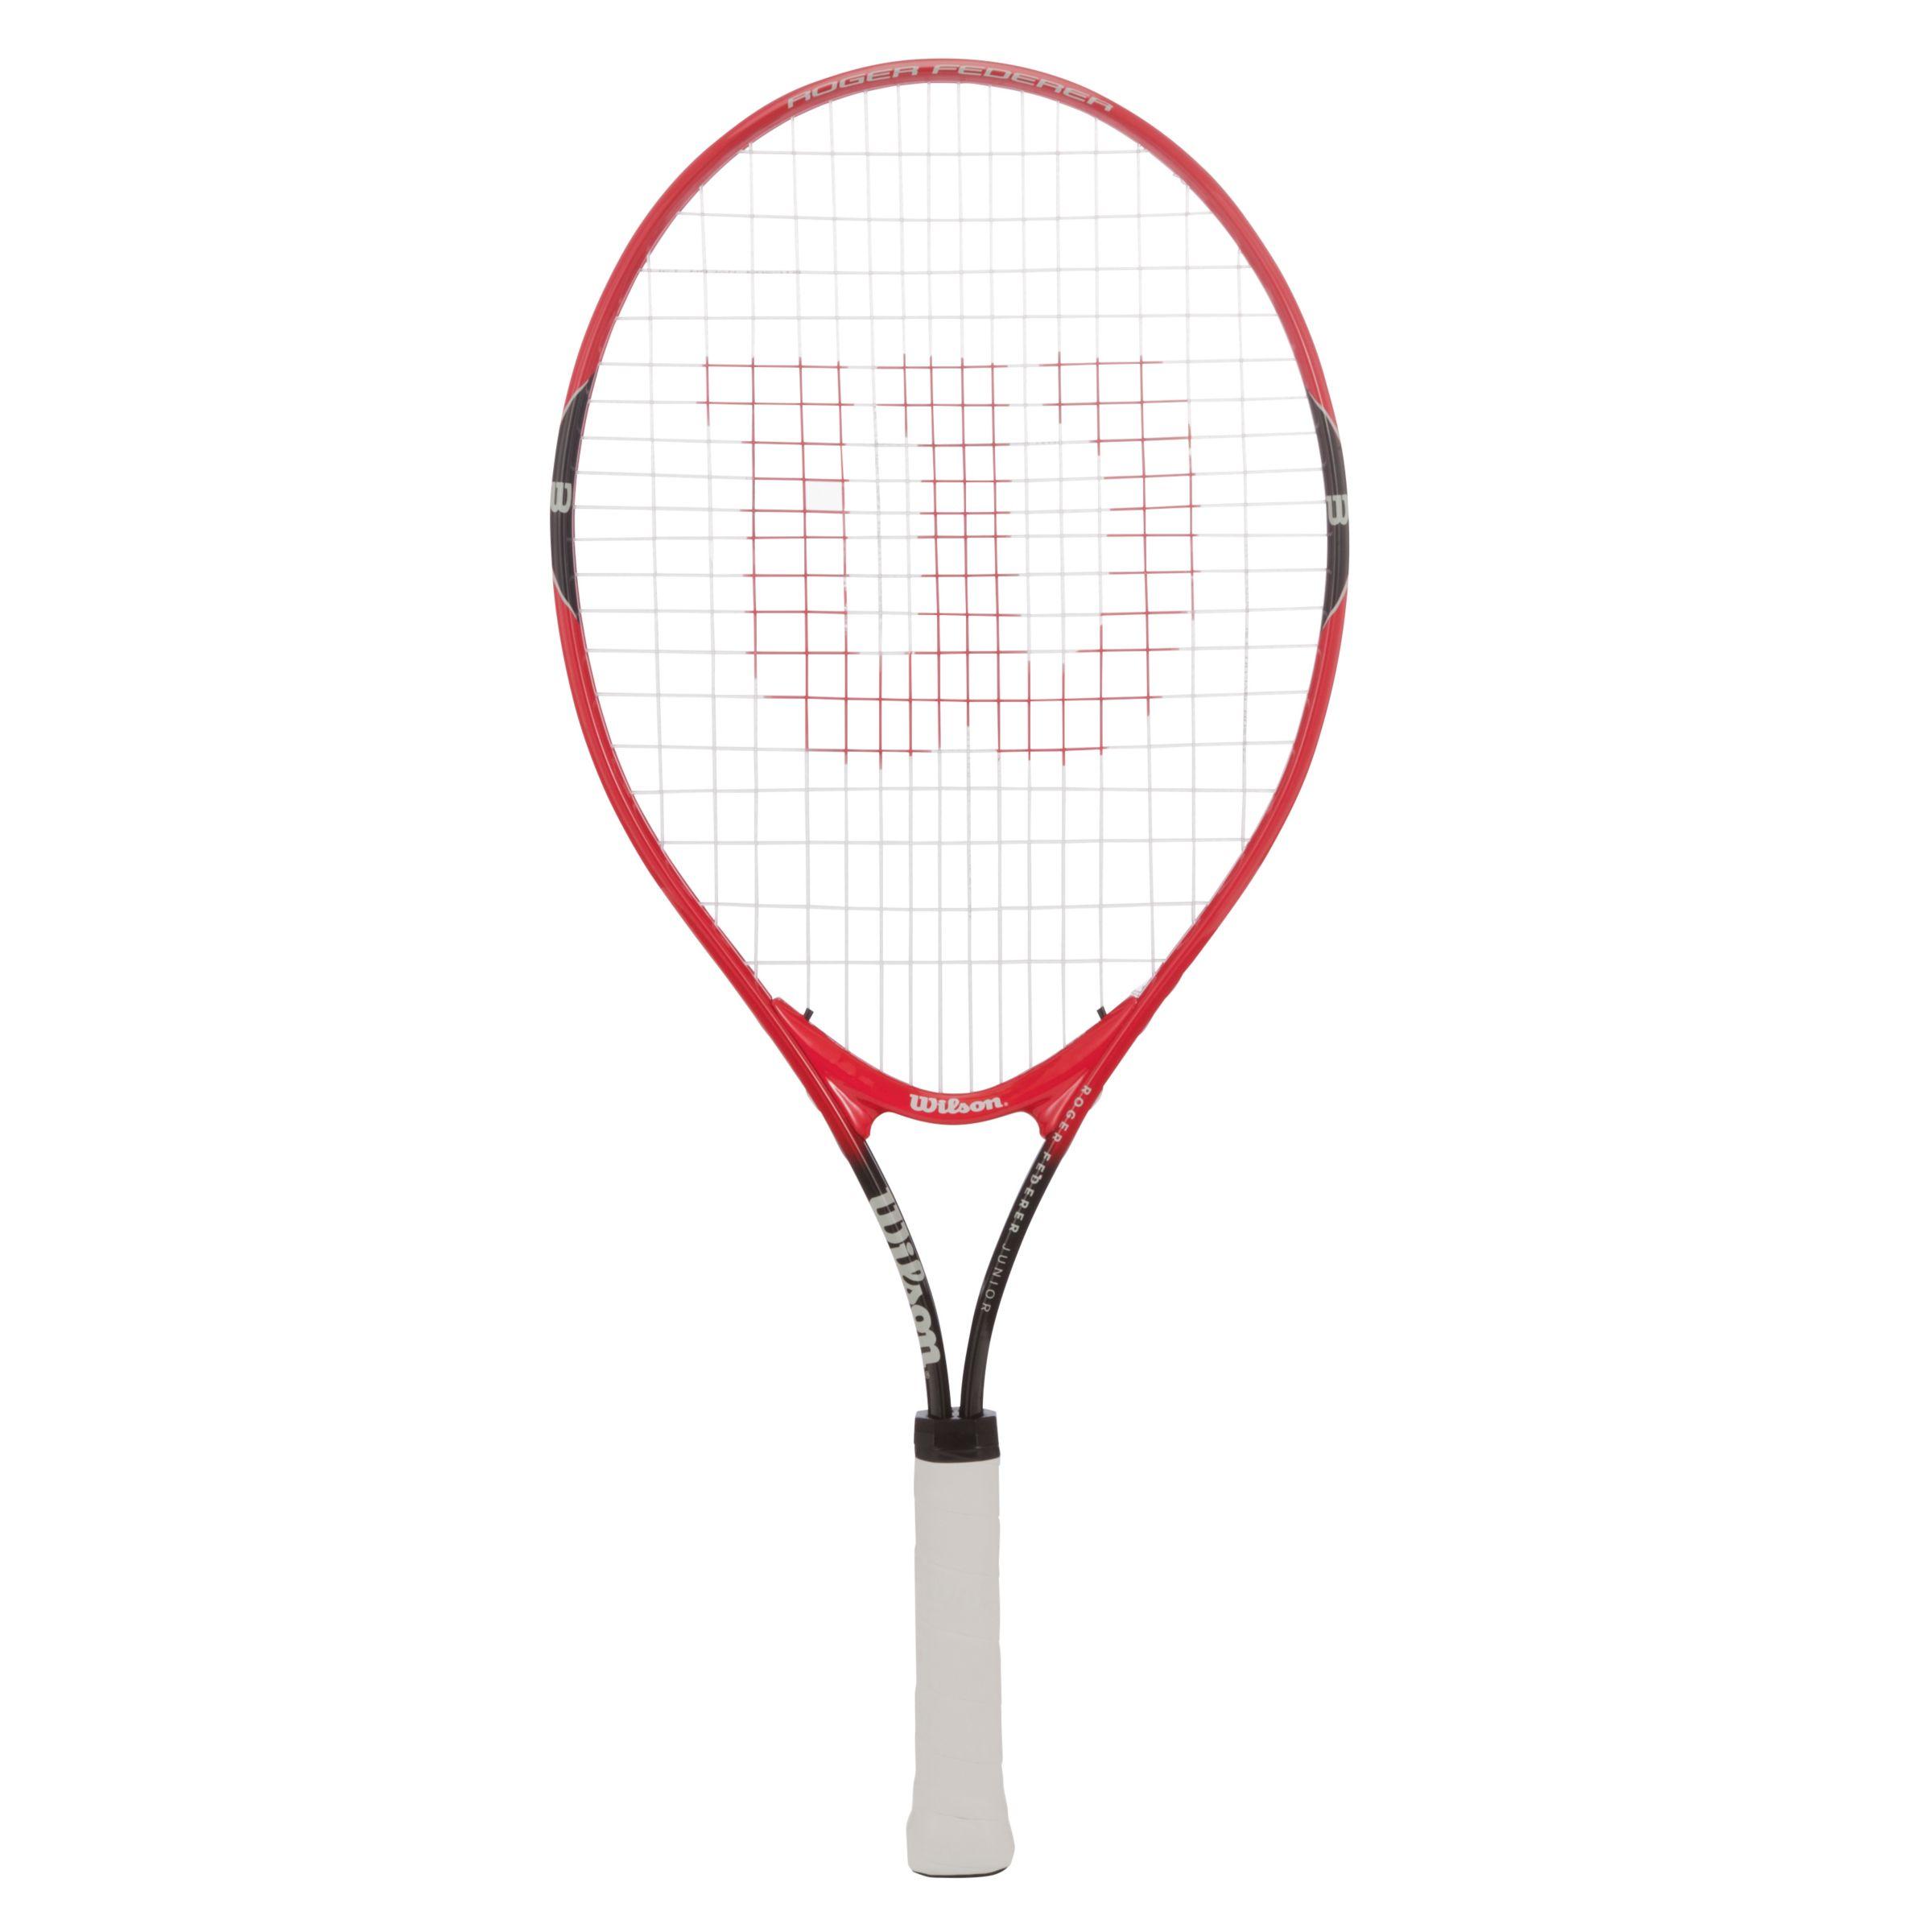 Wilson Wilson Roger Federer 25 Junior Tennis Set, Red/Black